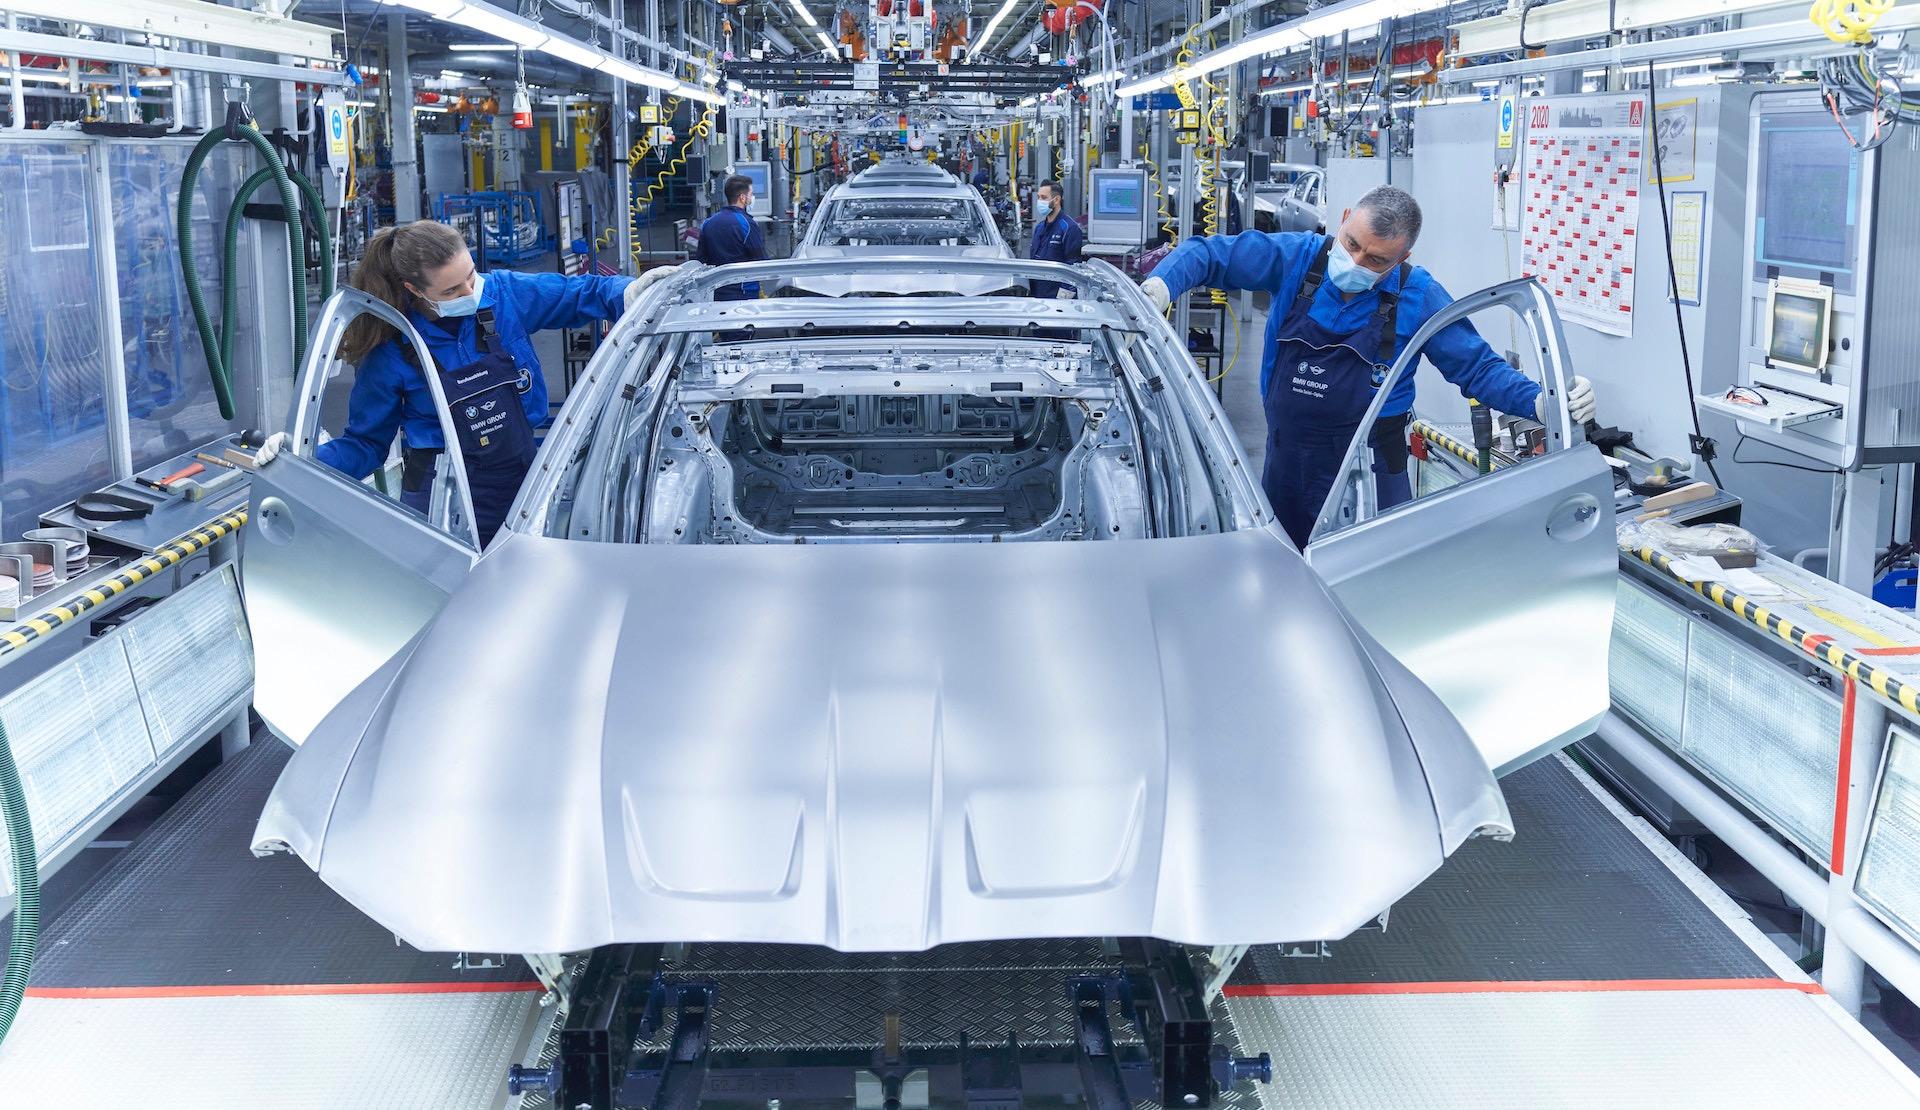 2021 BMW M3 production commences at Munich plant ...